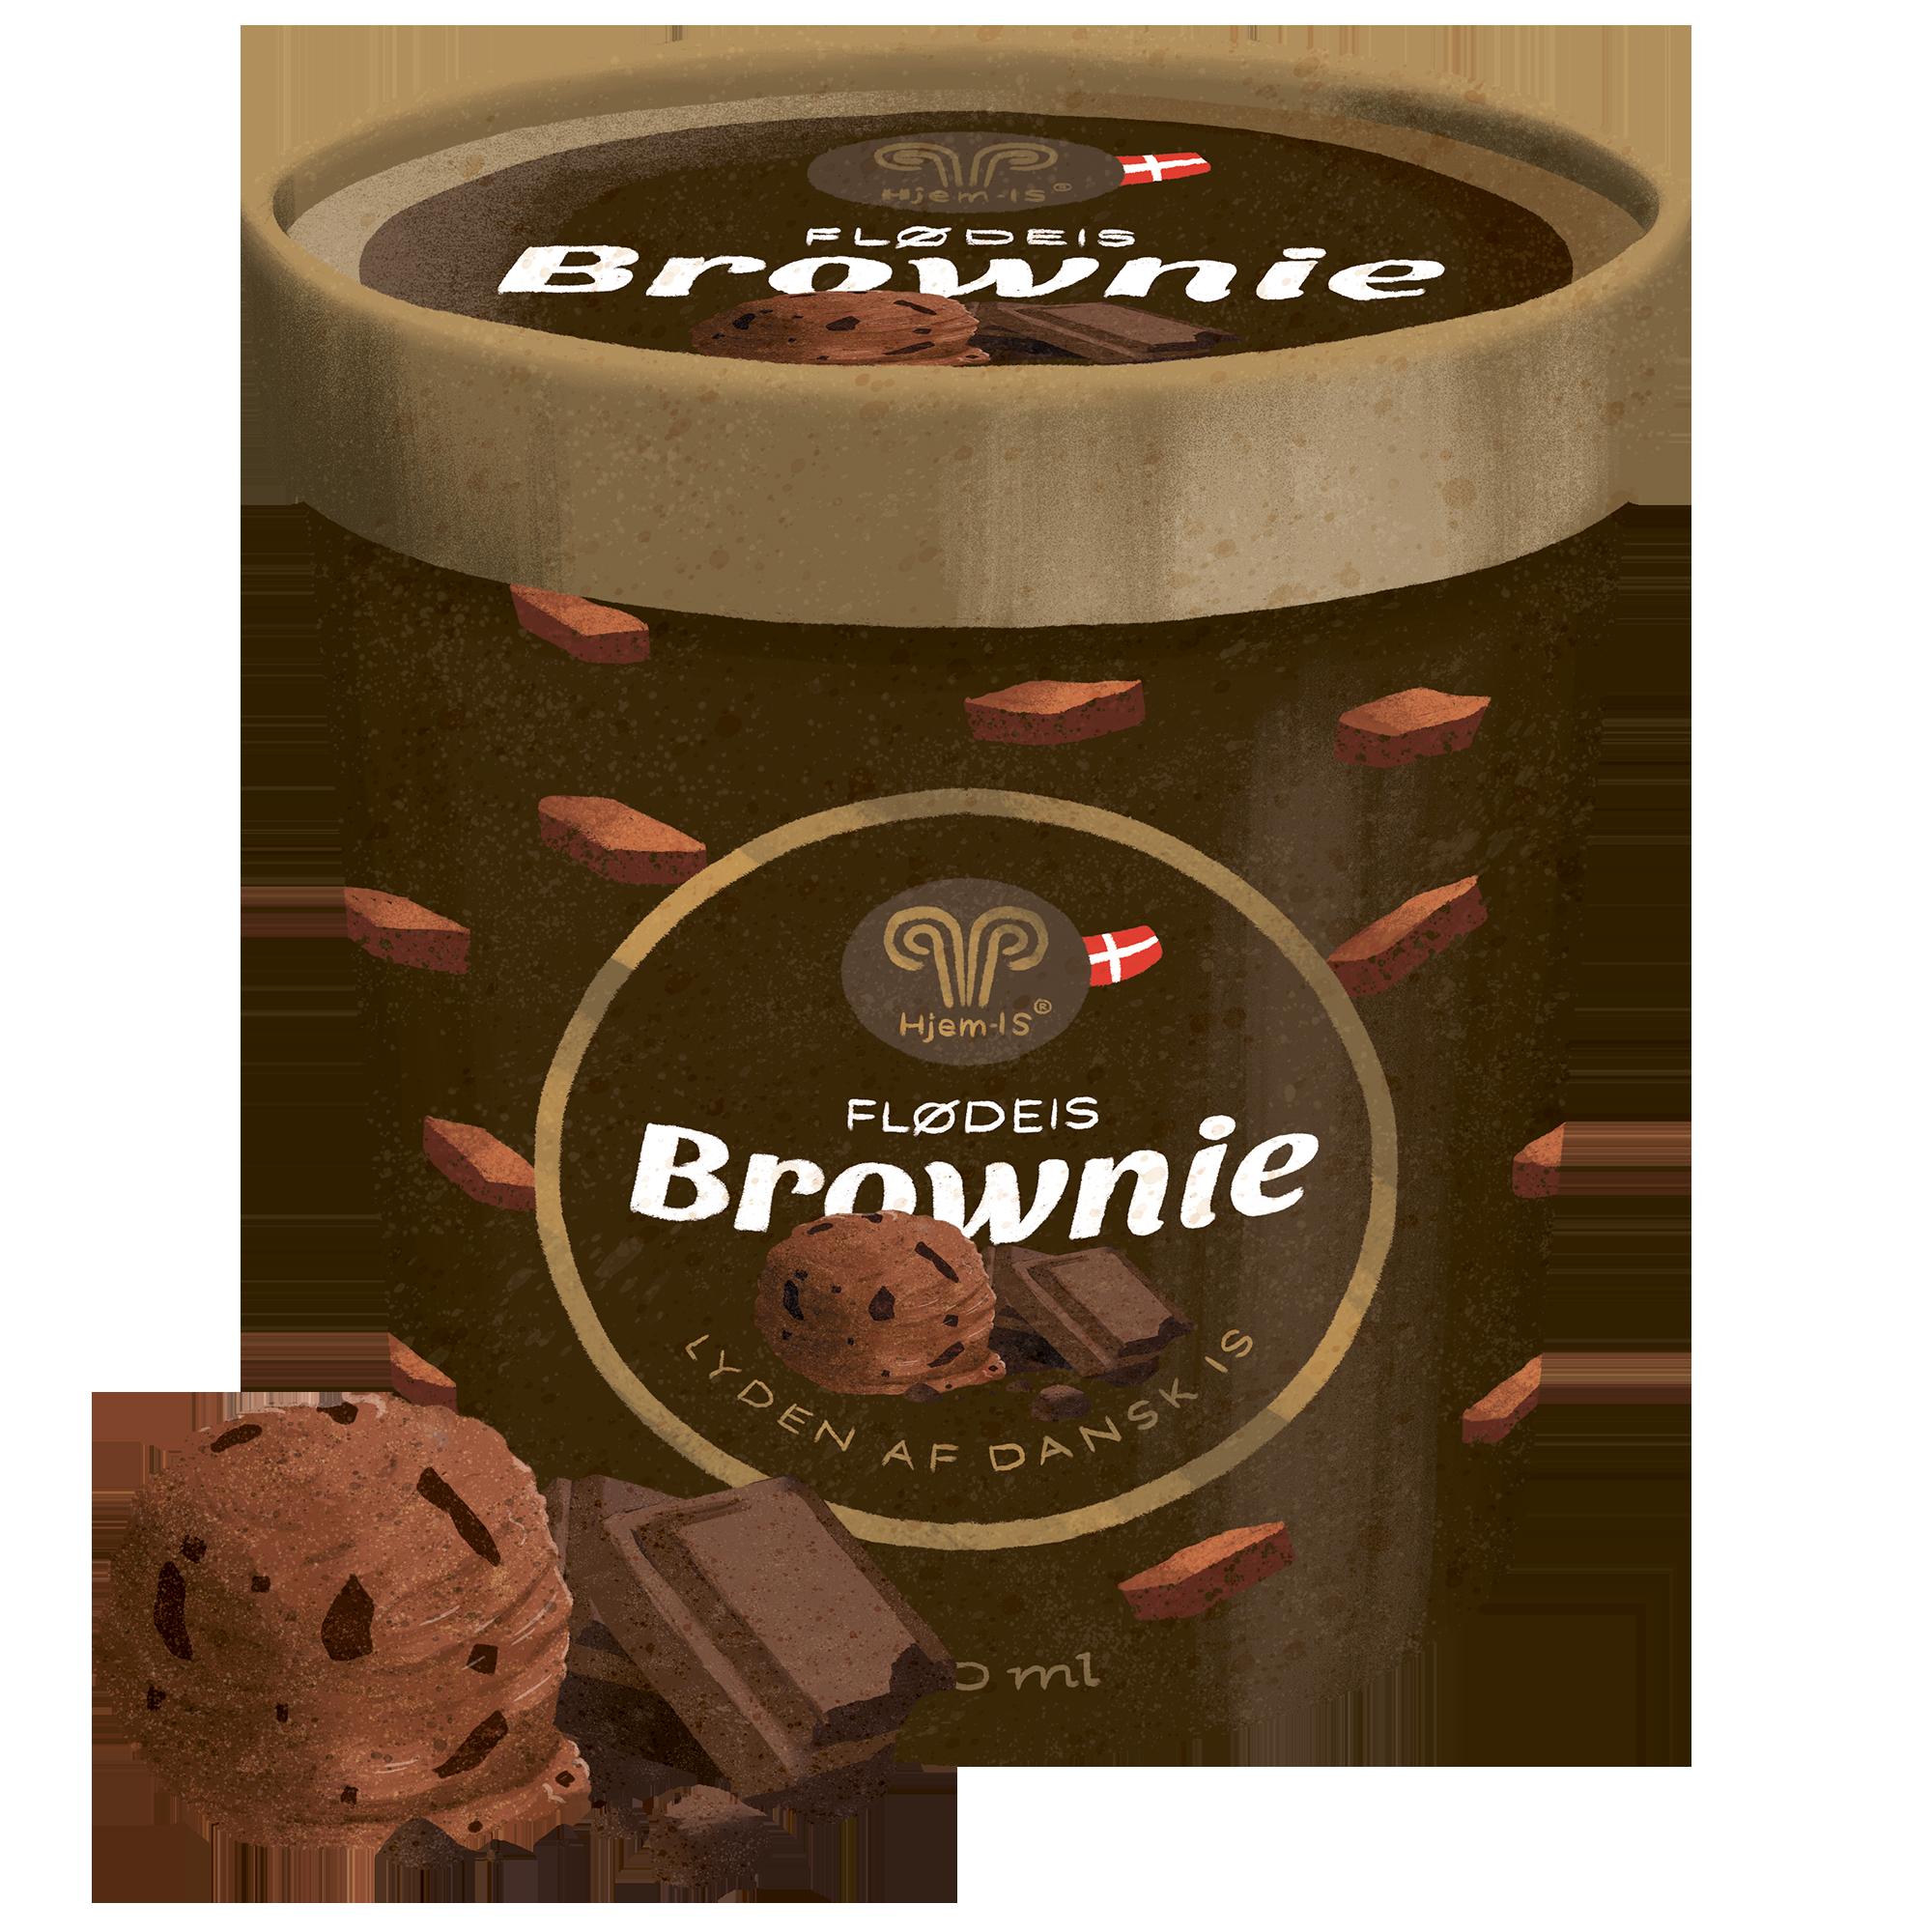 Brownie Flødeis